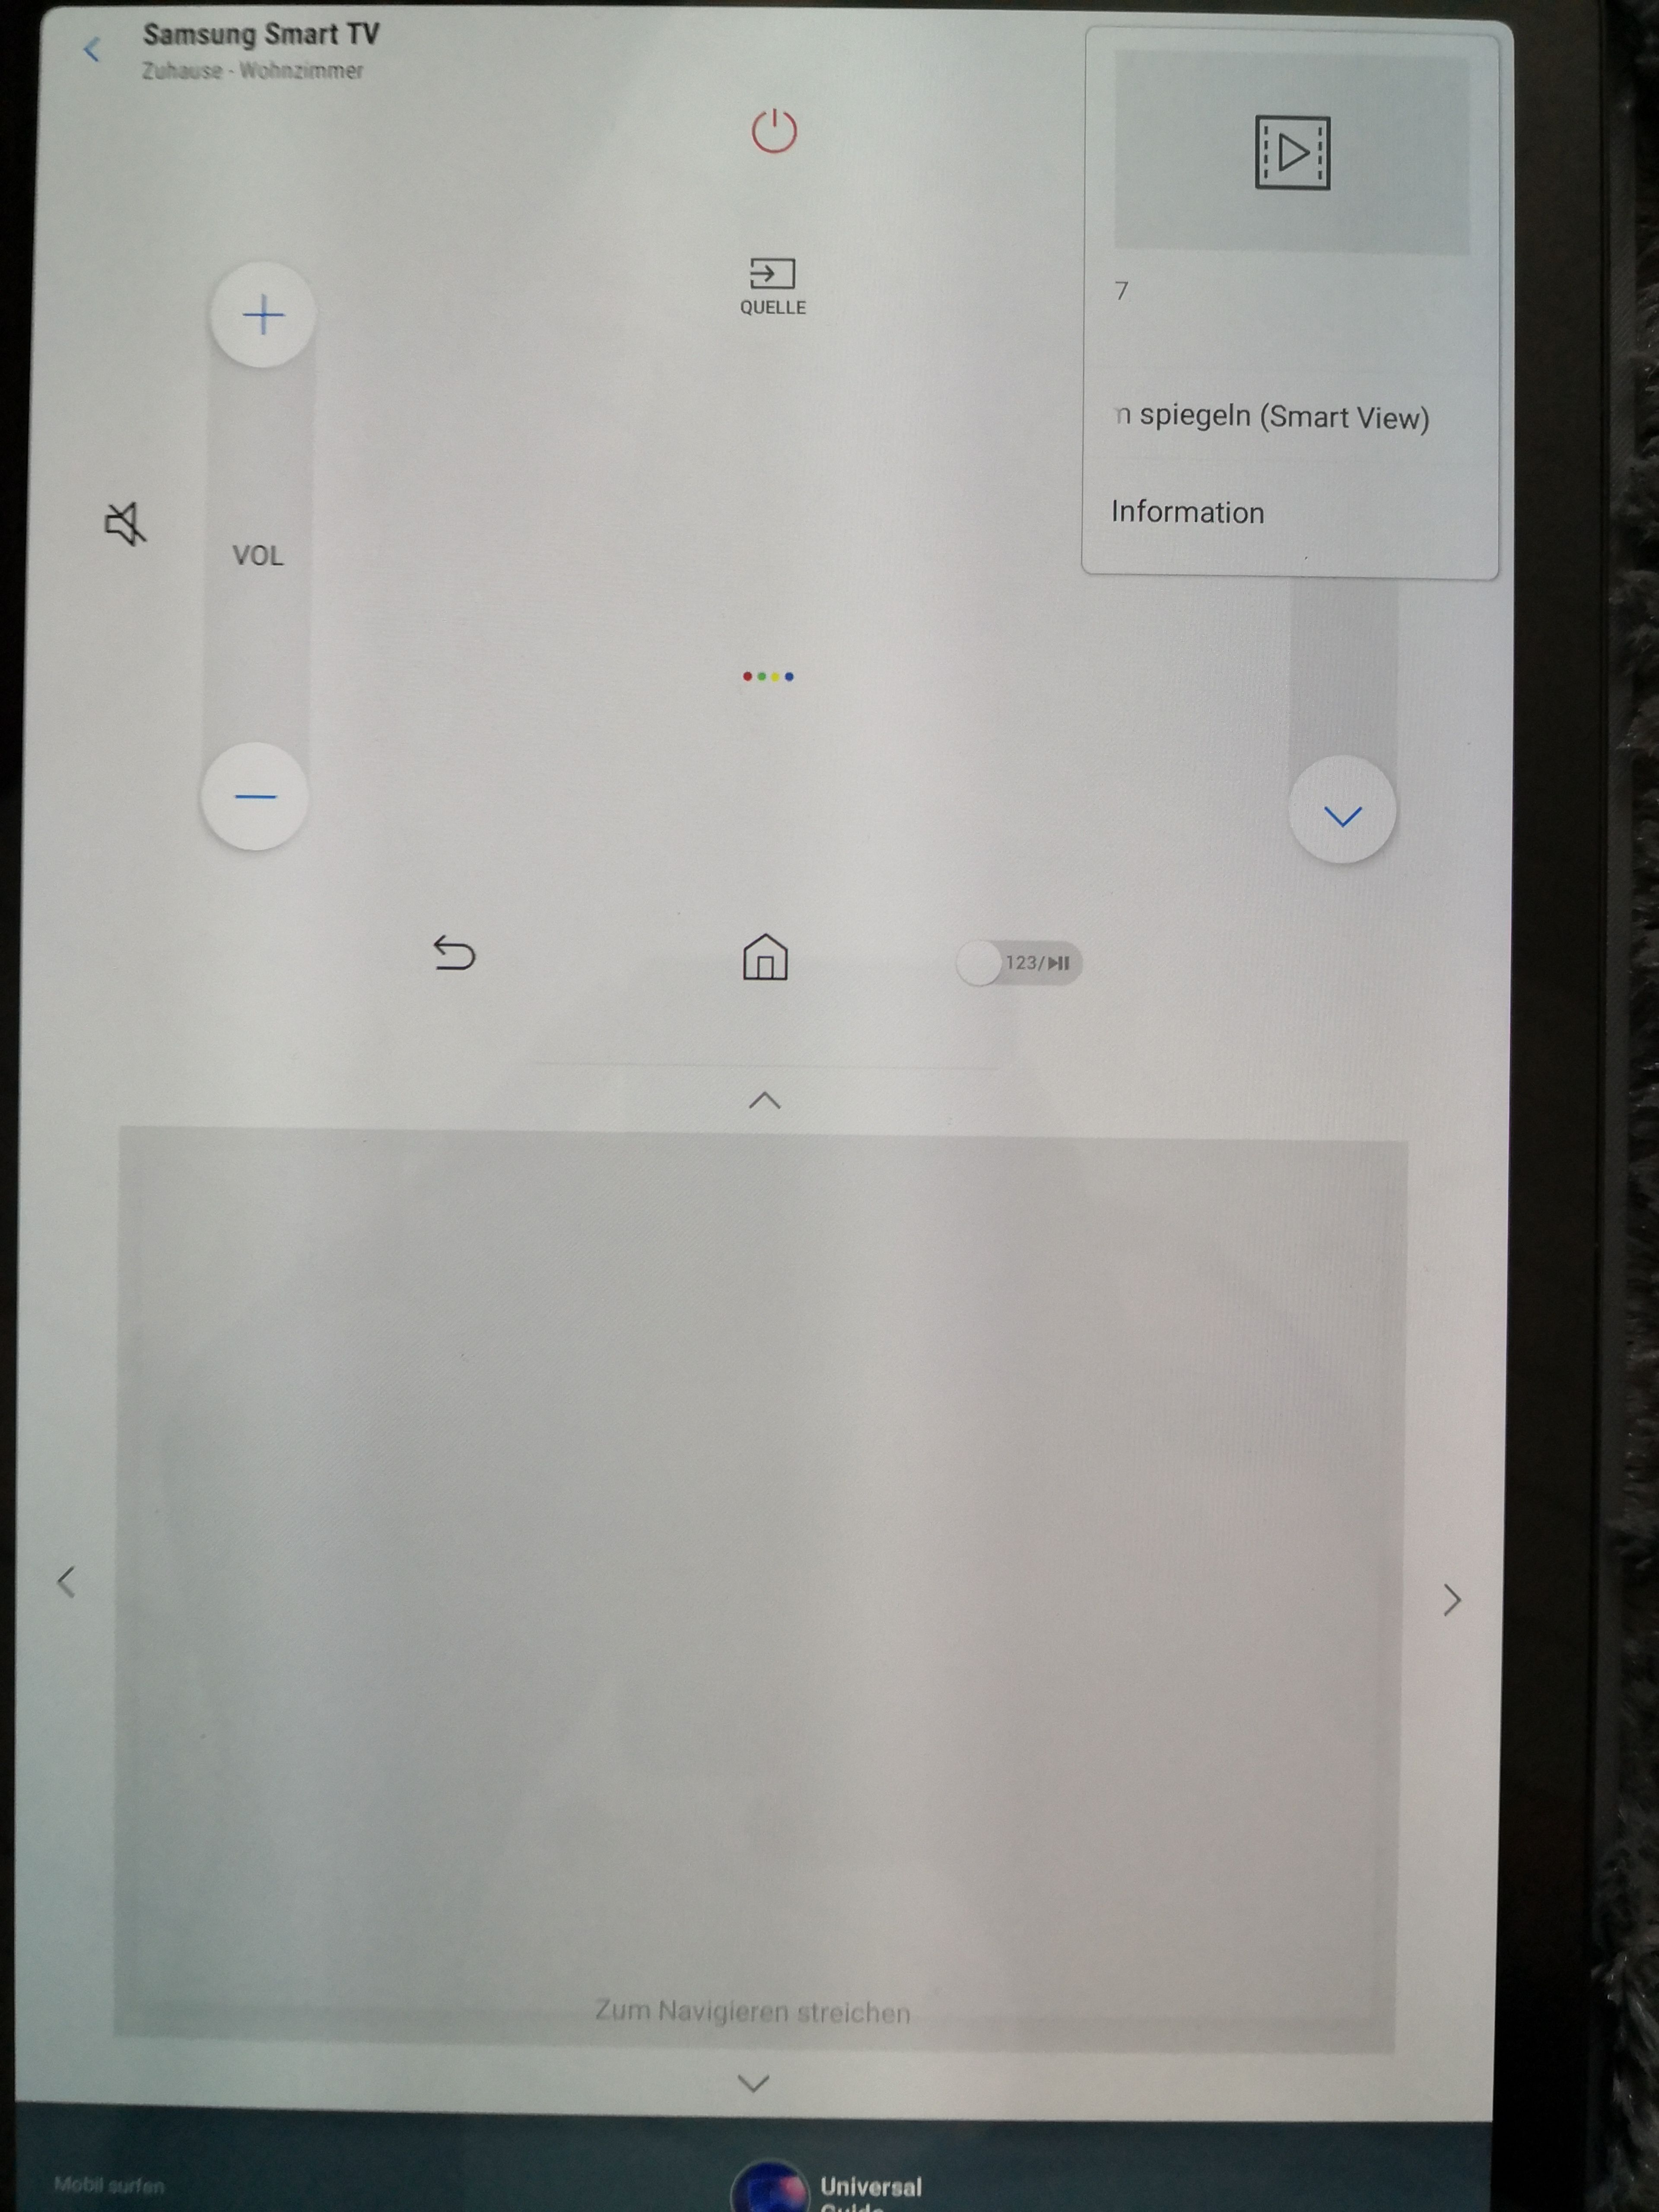 Tablet Auf Tv übertragen